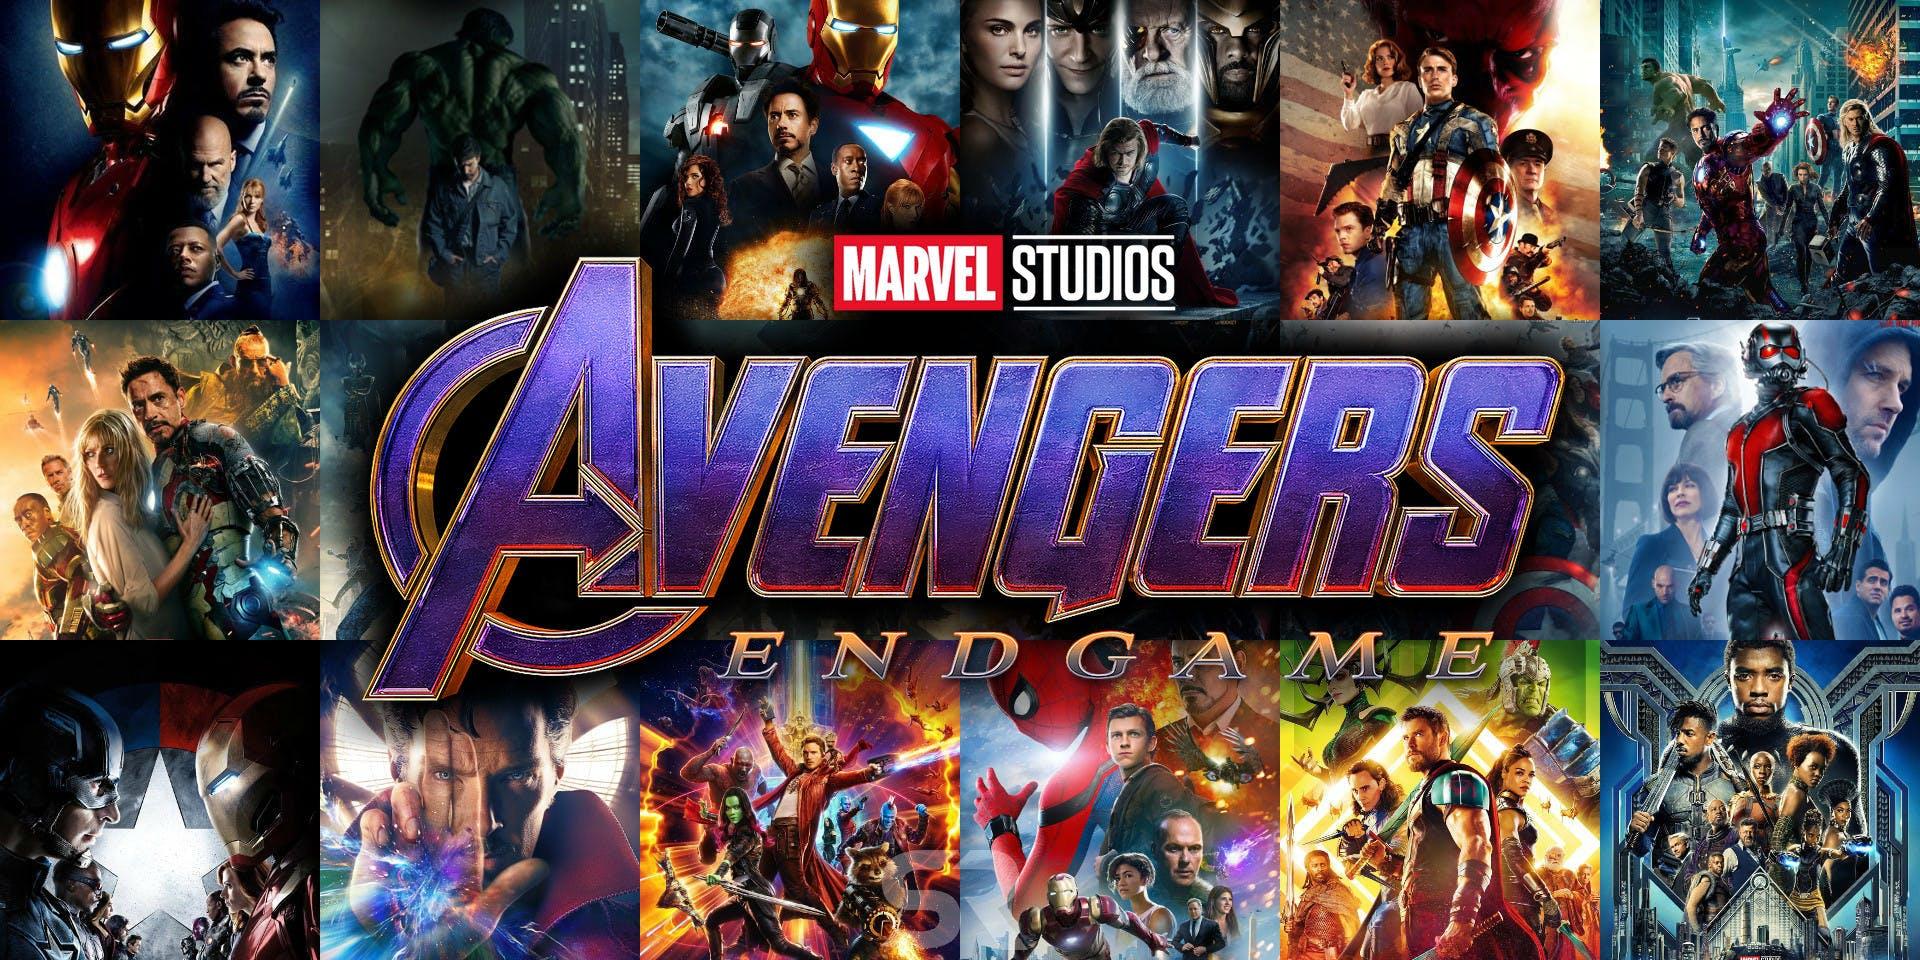 Photo of 'Avengers Endgame' Ha llegado el fin de la historia